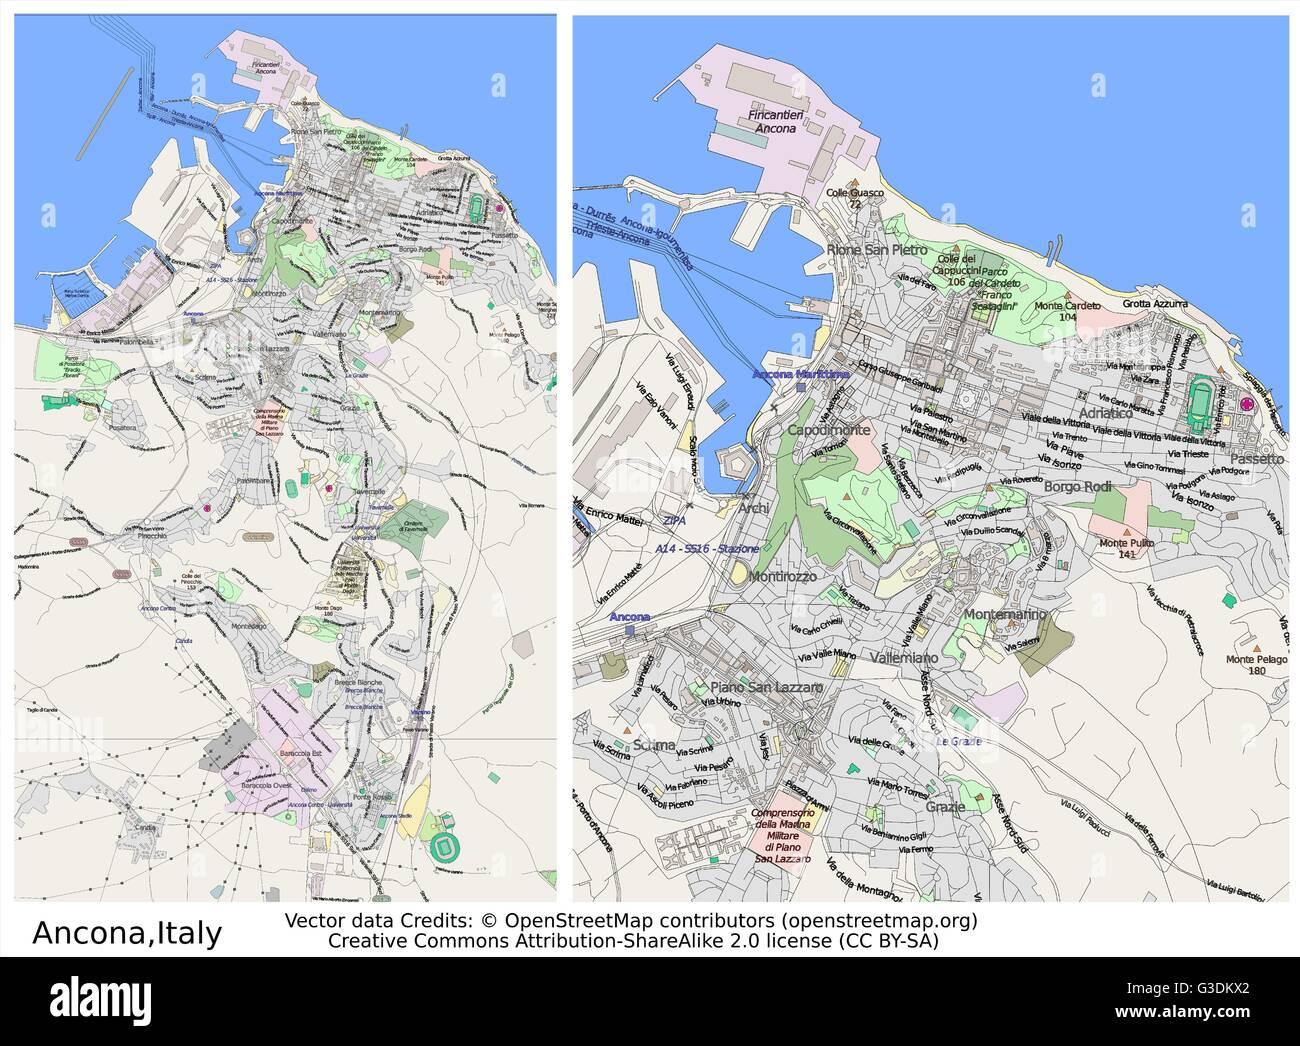 Ancona Italy City Map Stock Vector Art Illustration Vector - Map of ancona italy